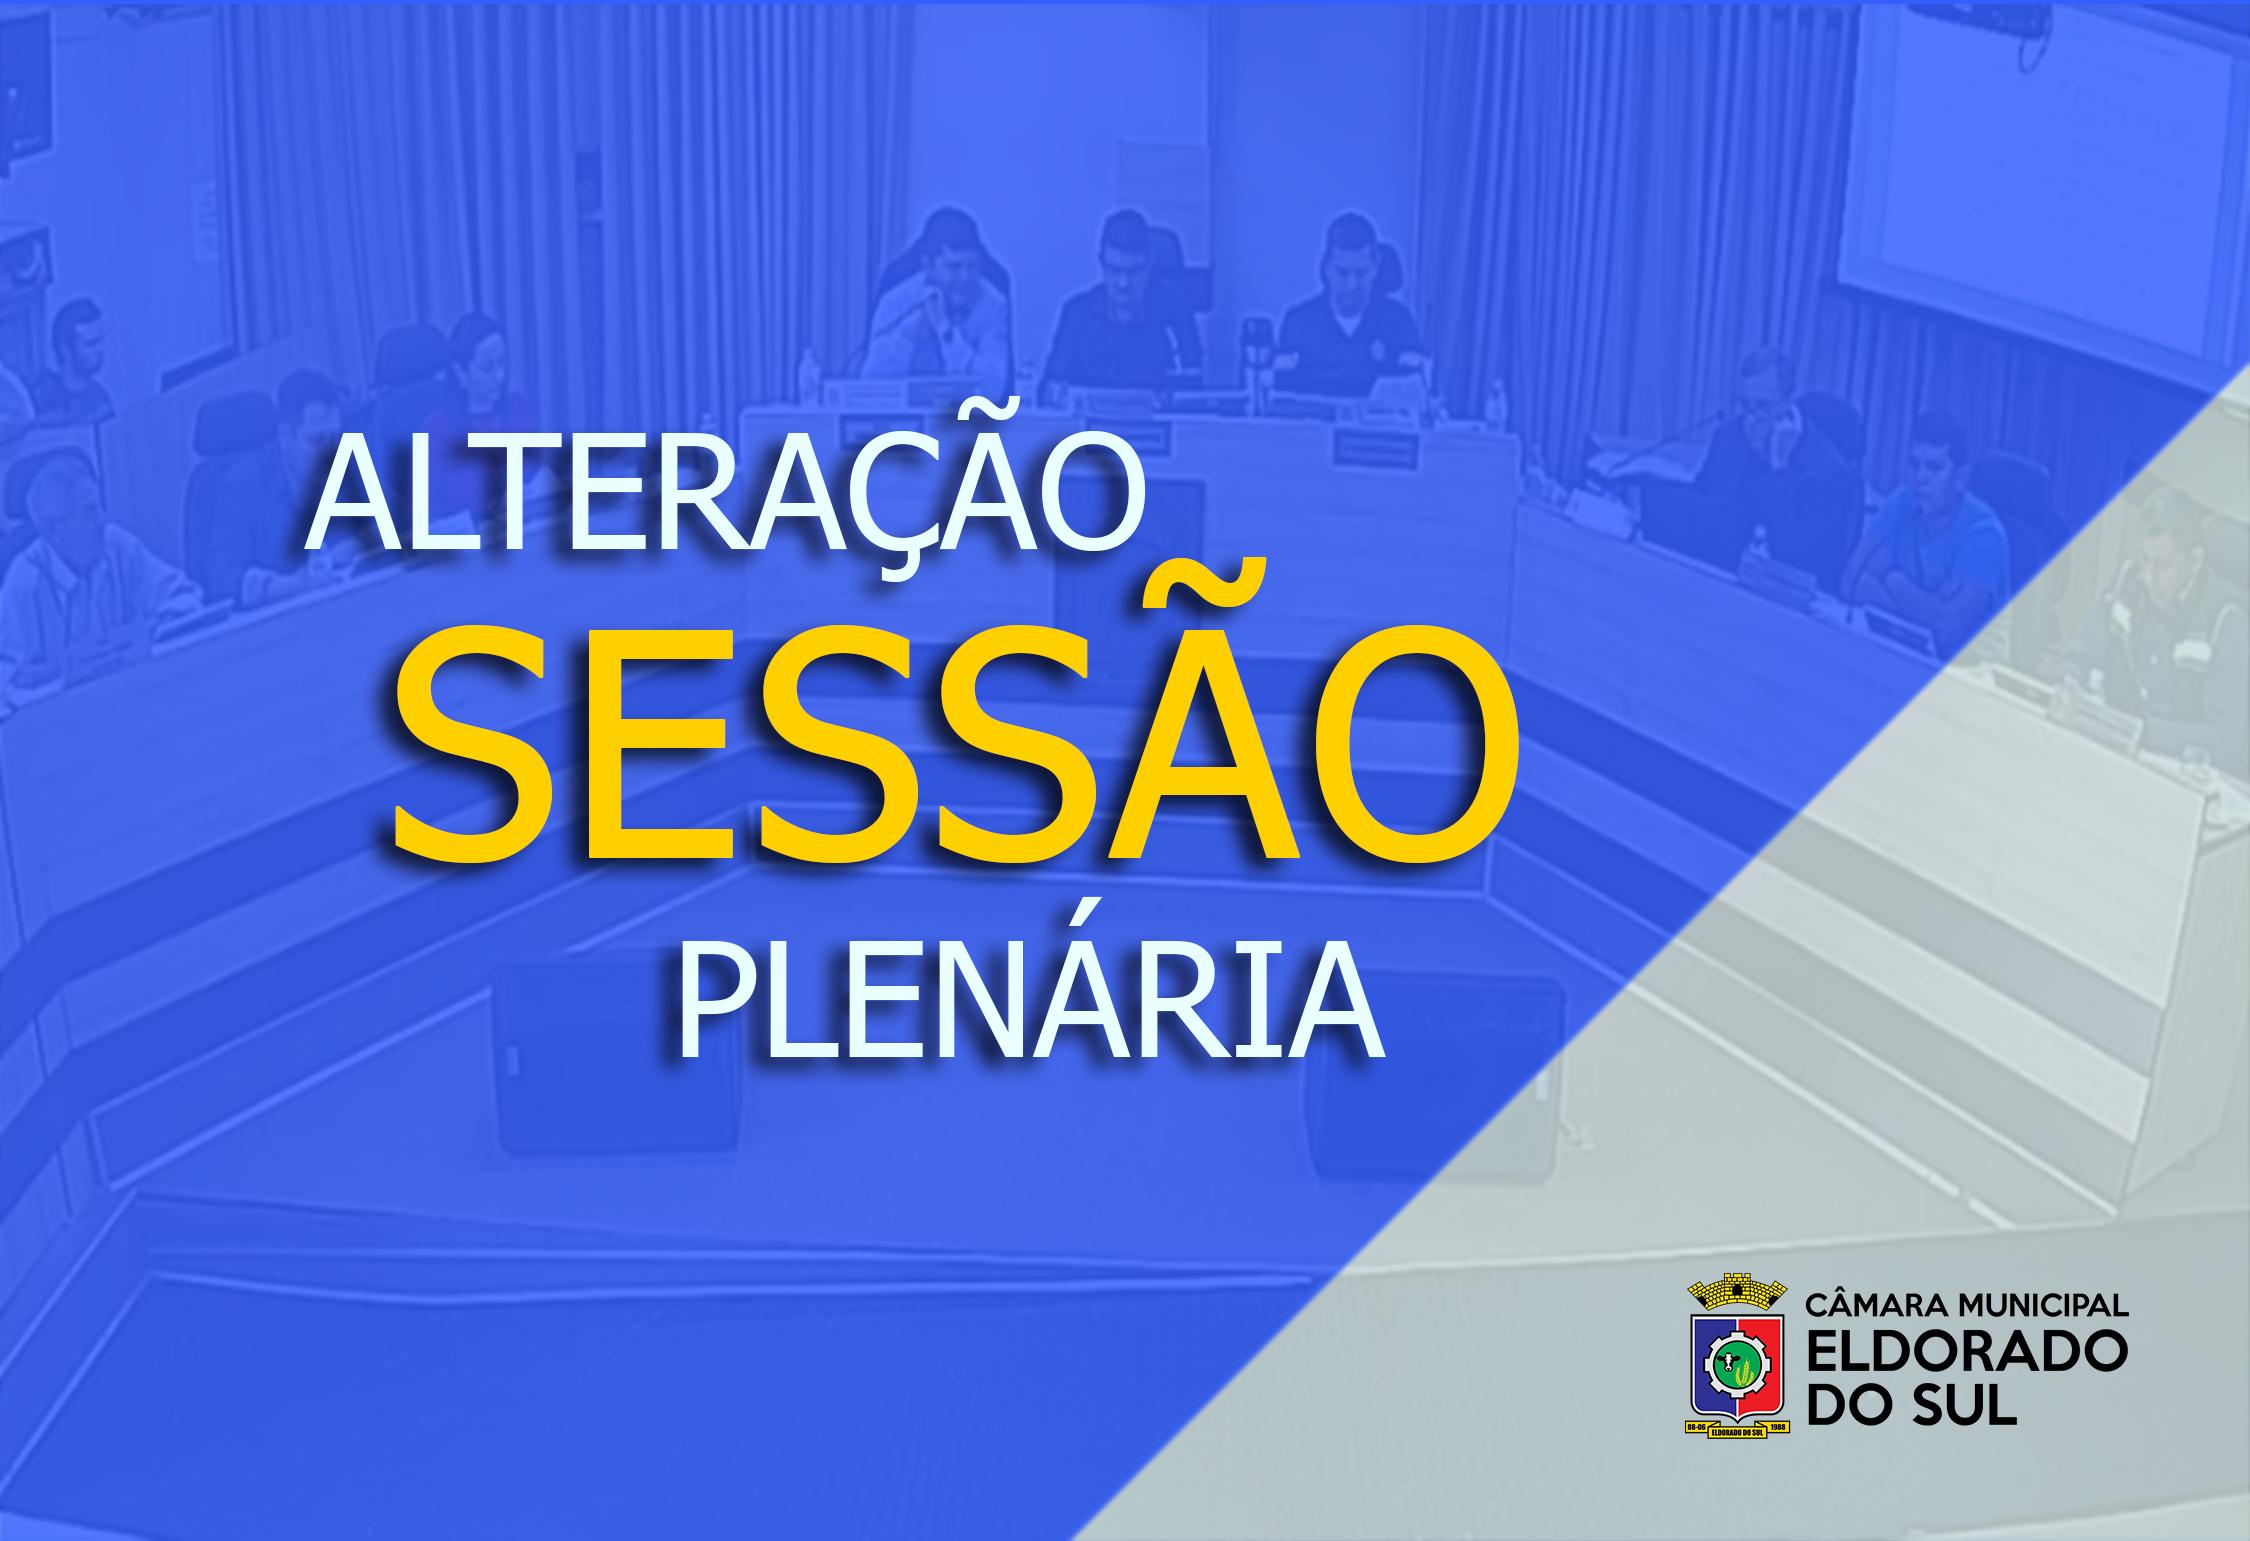 Alteração de horário da Sessão Plenária de 13 de agosto de 2019